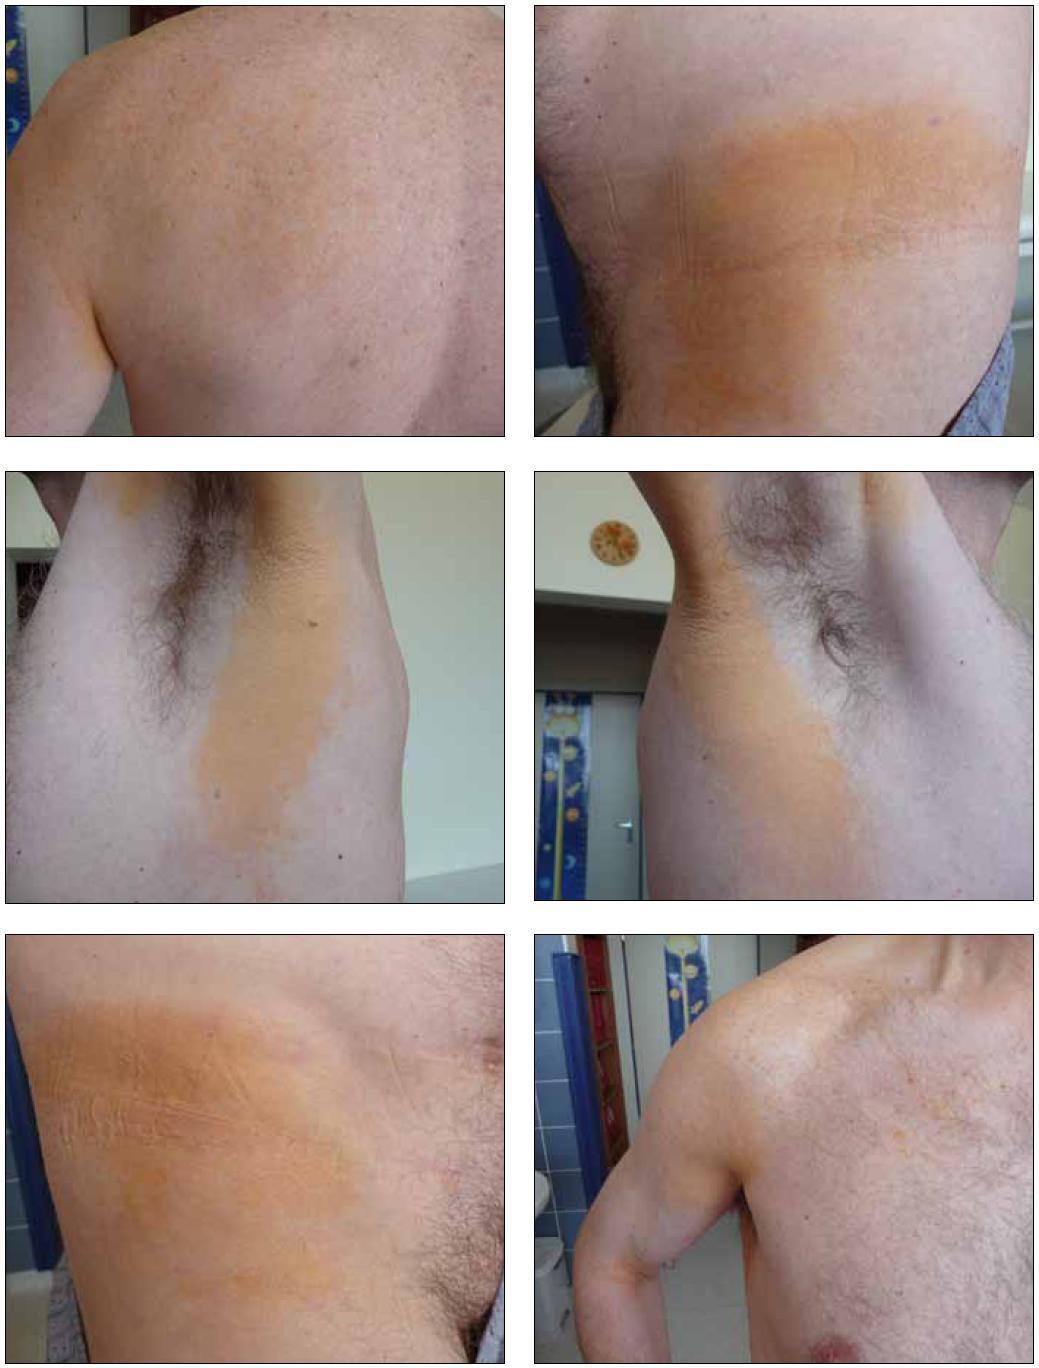 Obr. 1–6. Kožní povrch s plochými ložisky normolipemických xantomů, které mají žlutooranžovou barvu a poměrně ostré ohraničení od nepostižení kůže.